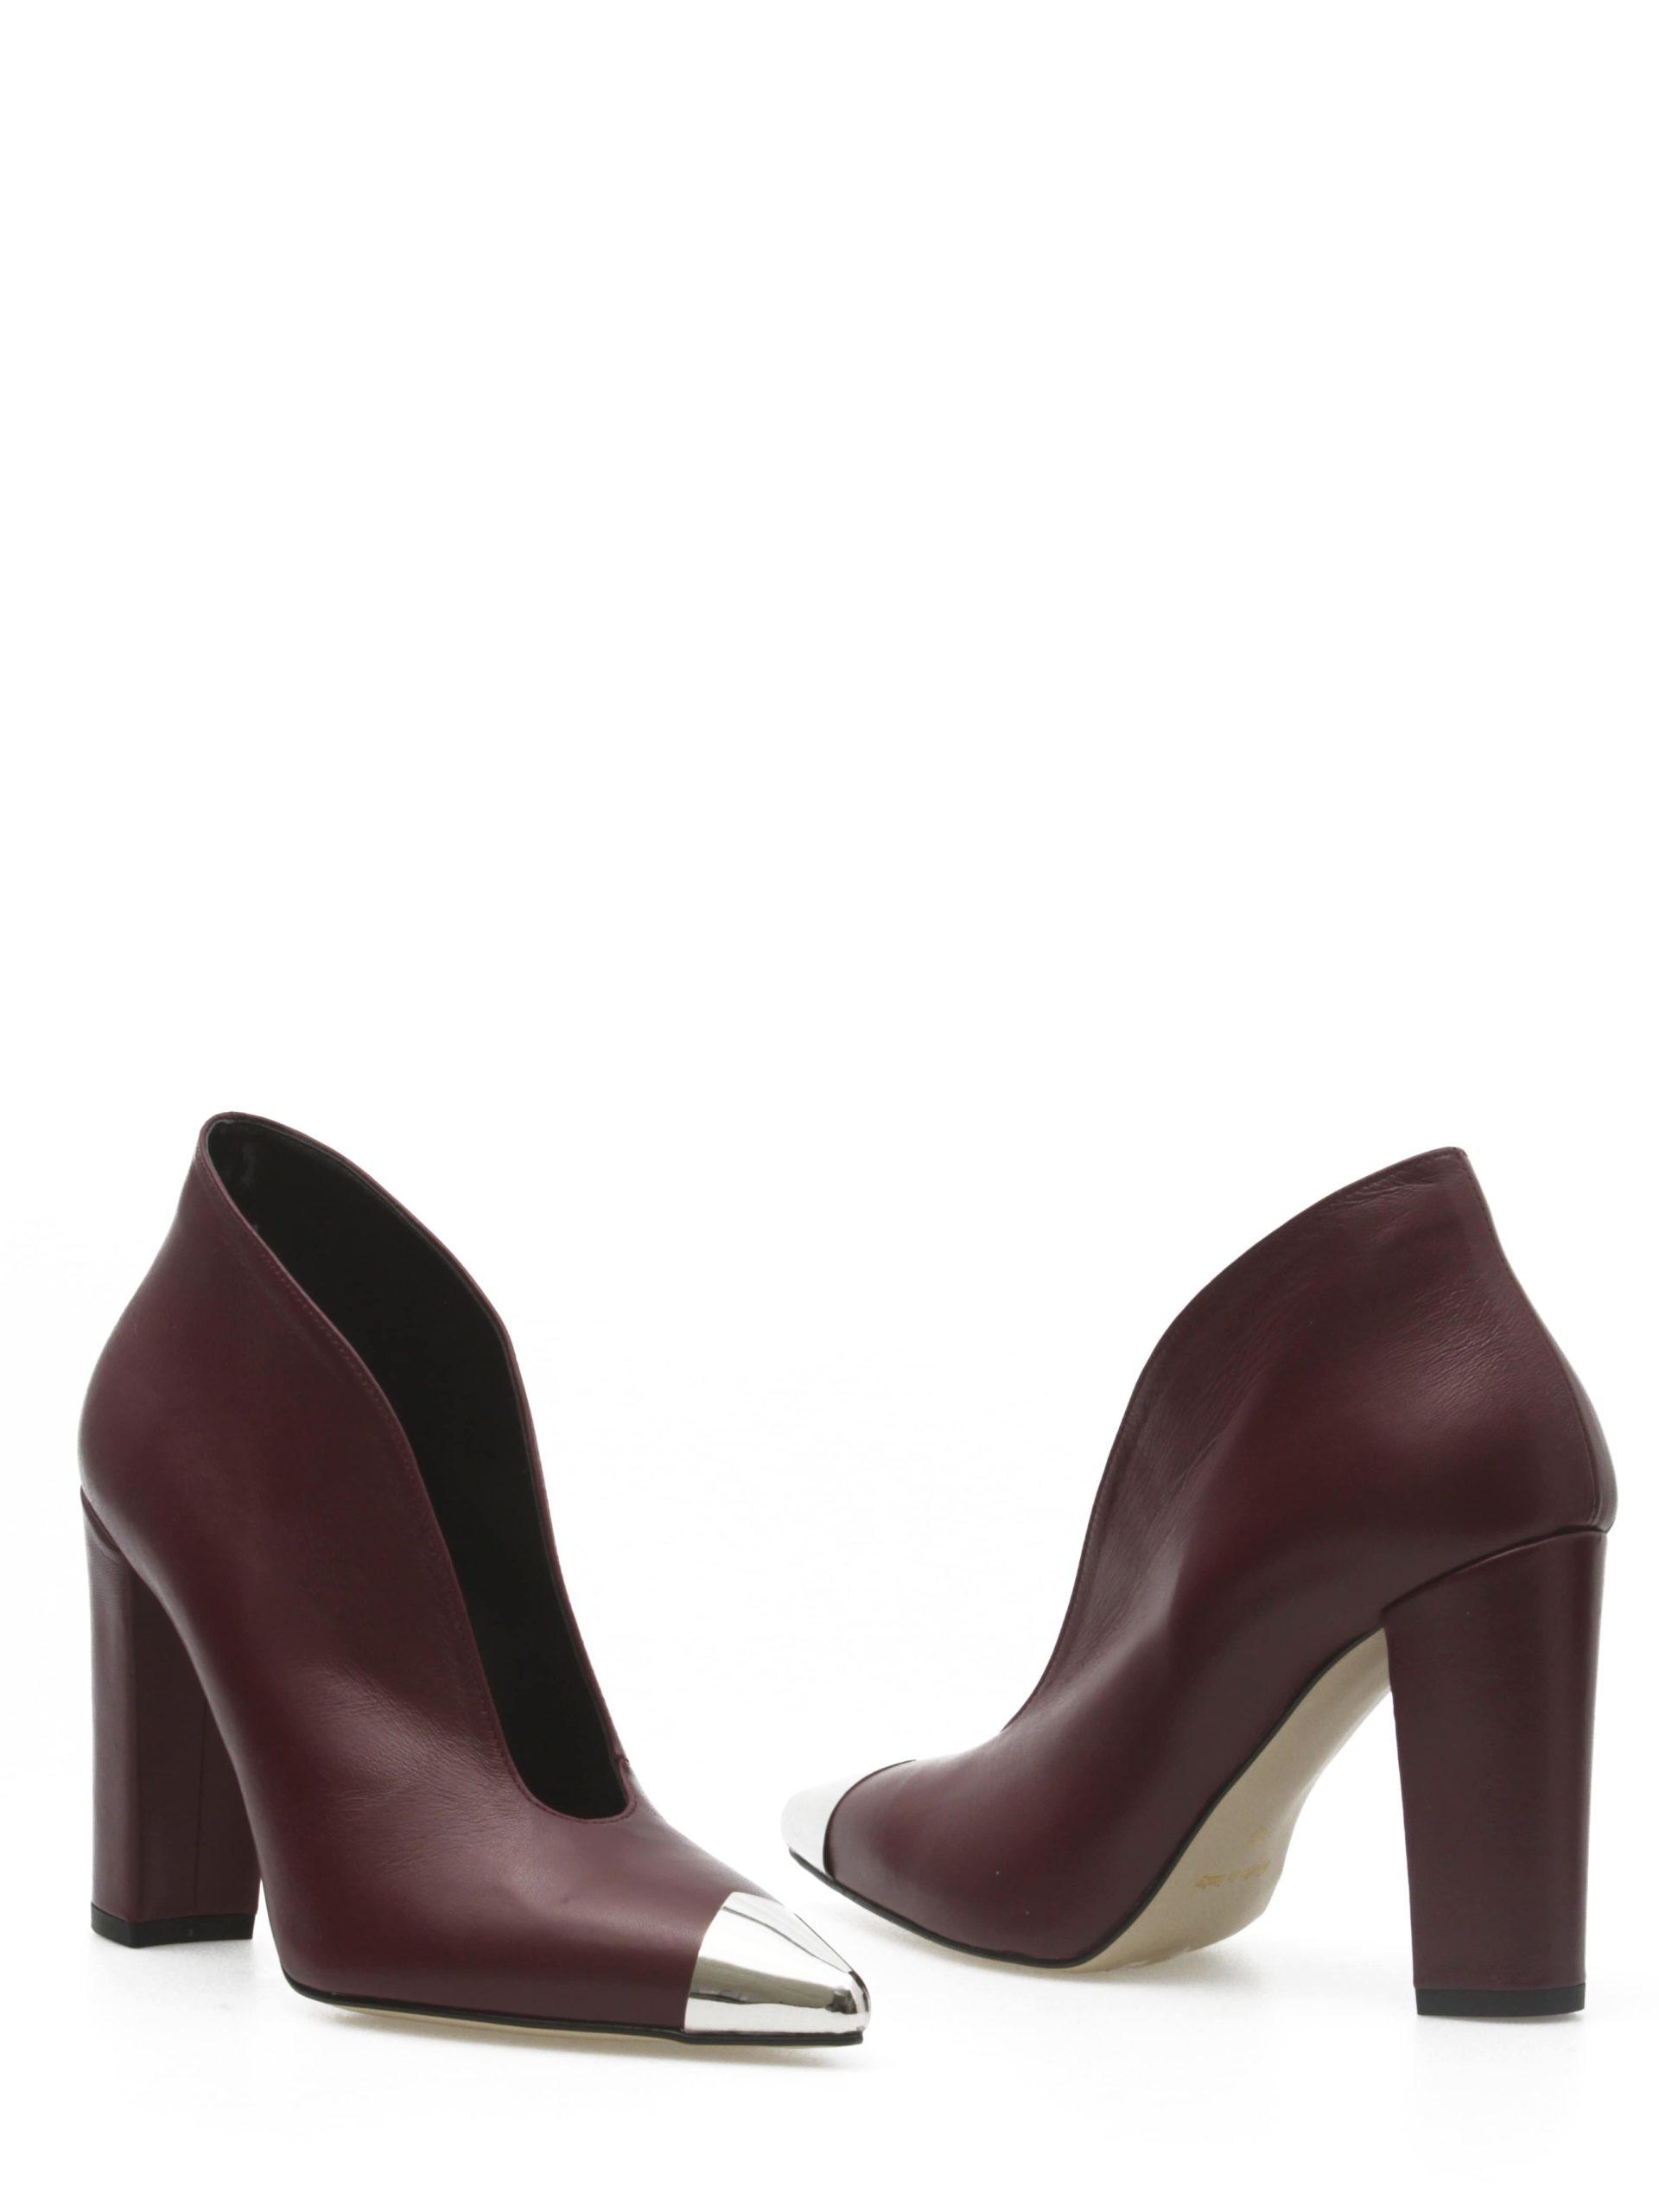 женская обувь оптом москва